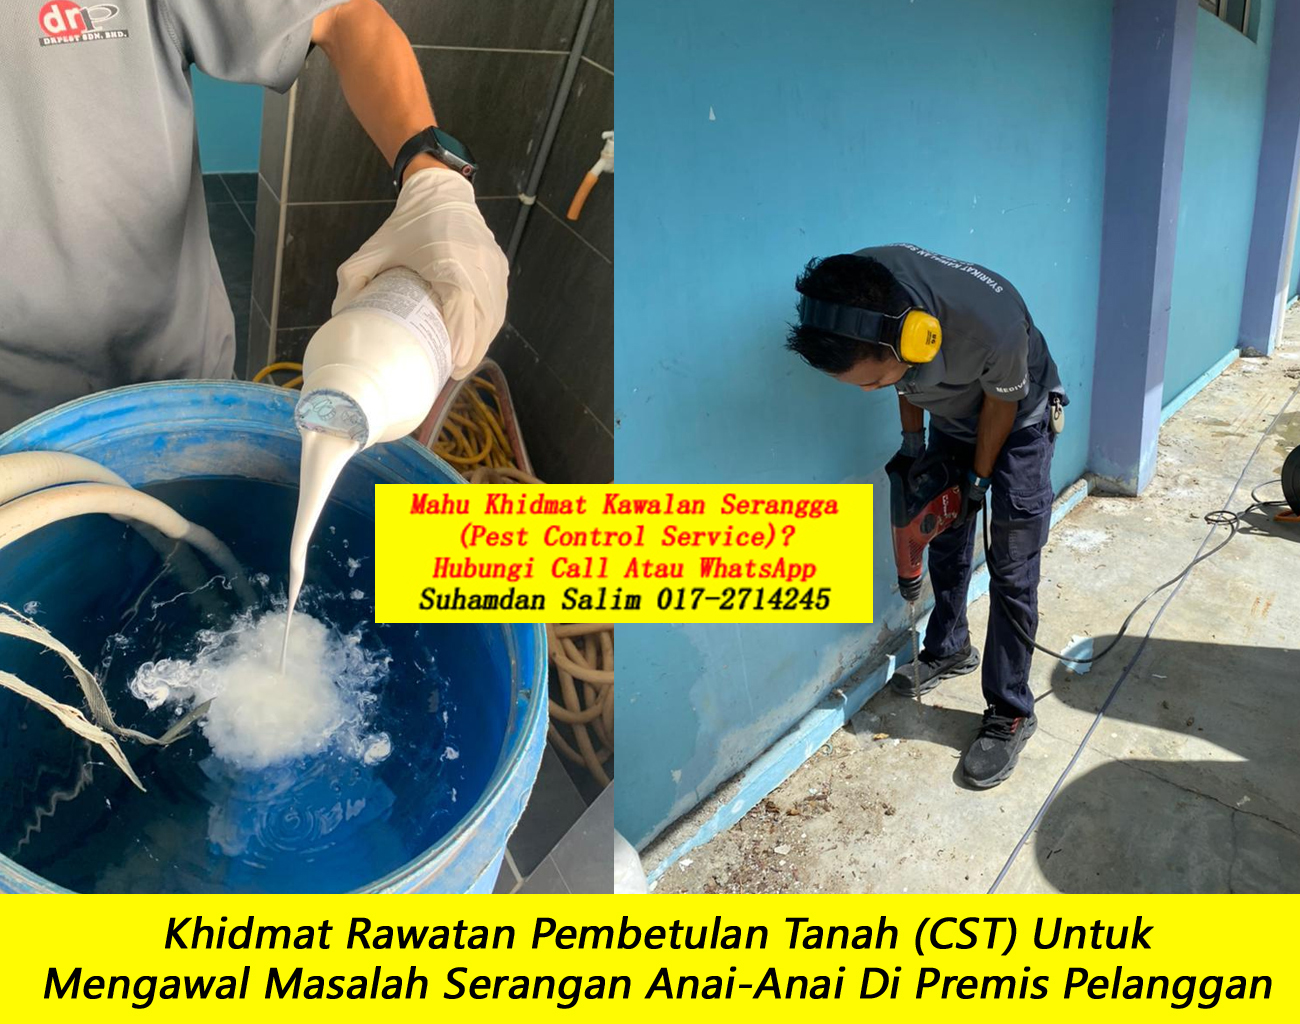 khidmat rawatan dan pencegahan masalah anai anai di Kampung Datuk Keramat kl oleh syarikat kawalan serangga company pest control kawalan anai anai yang berkesan terbaik di felda